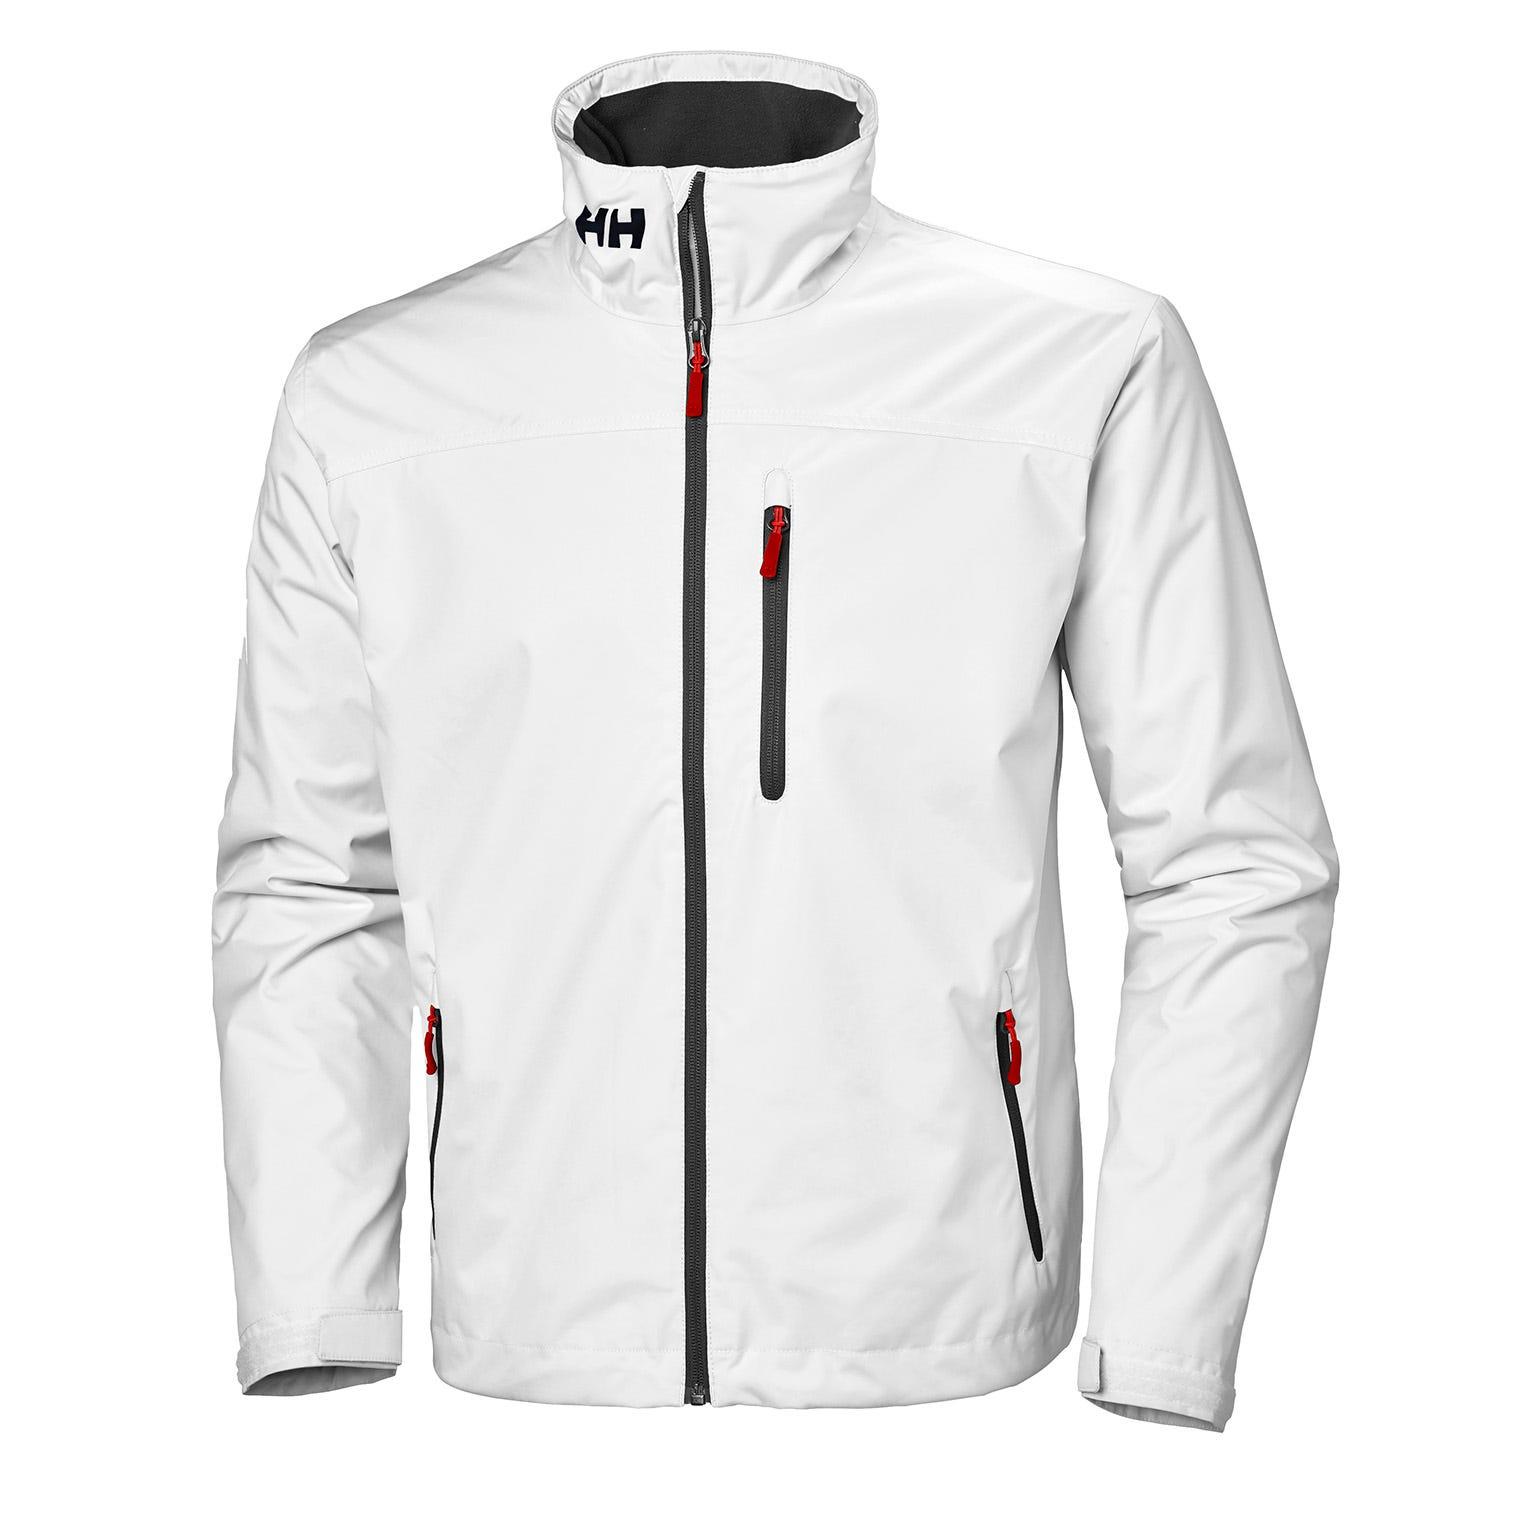 Helly Hansen Crew Midlayer Jacket Mens Sailing White XXL